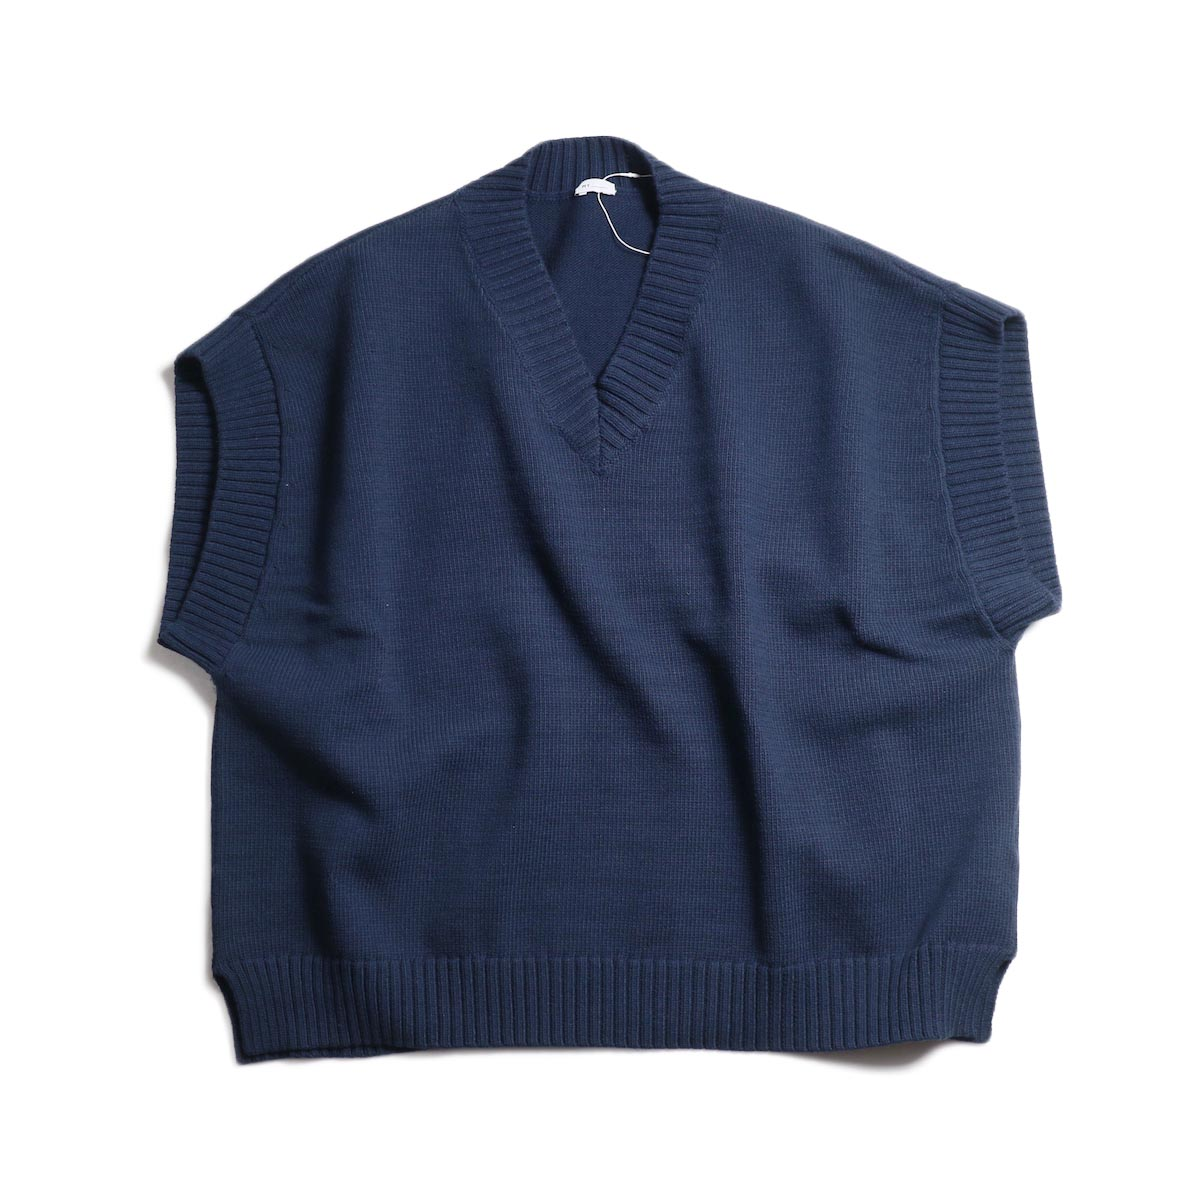 MY_ / Lily Yarn Knit Vest -Navy